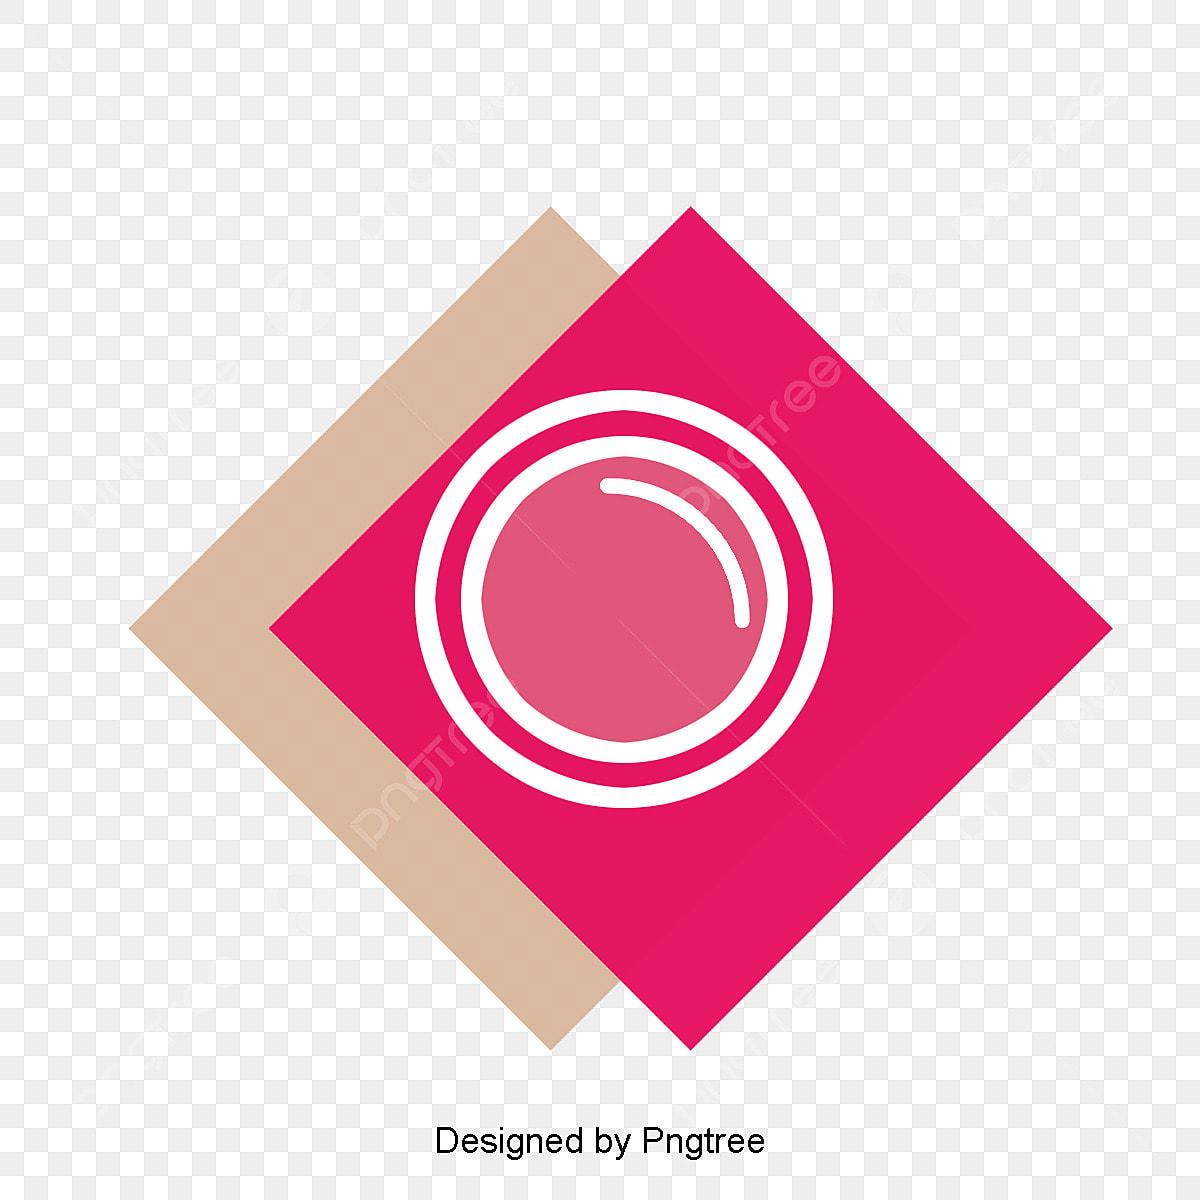 تصميم التصوير الفوتوغرافي قصاصة فنية قصاصة فنية التصميم Png